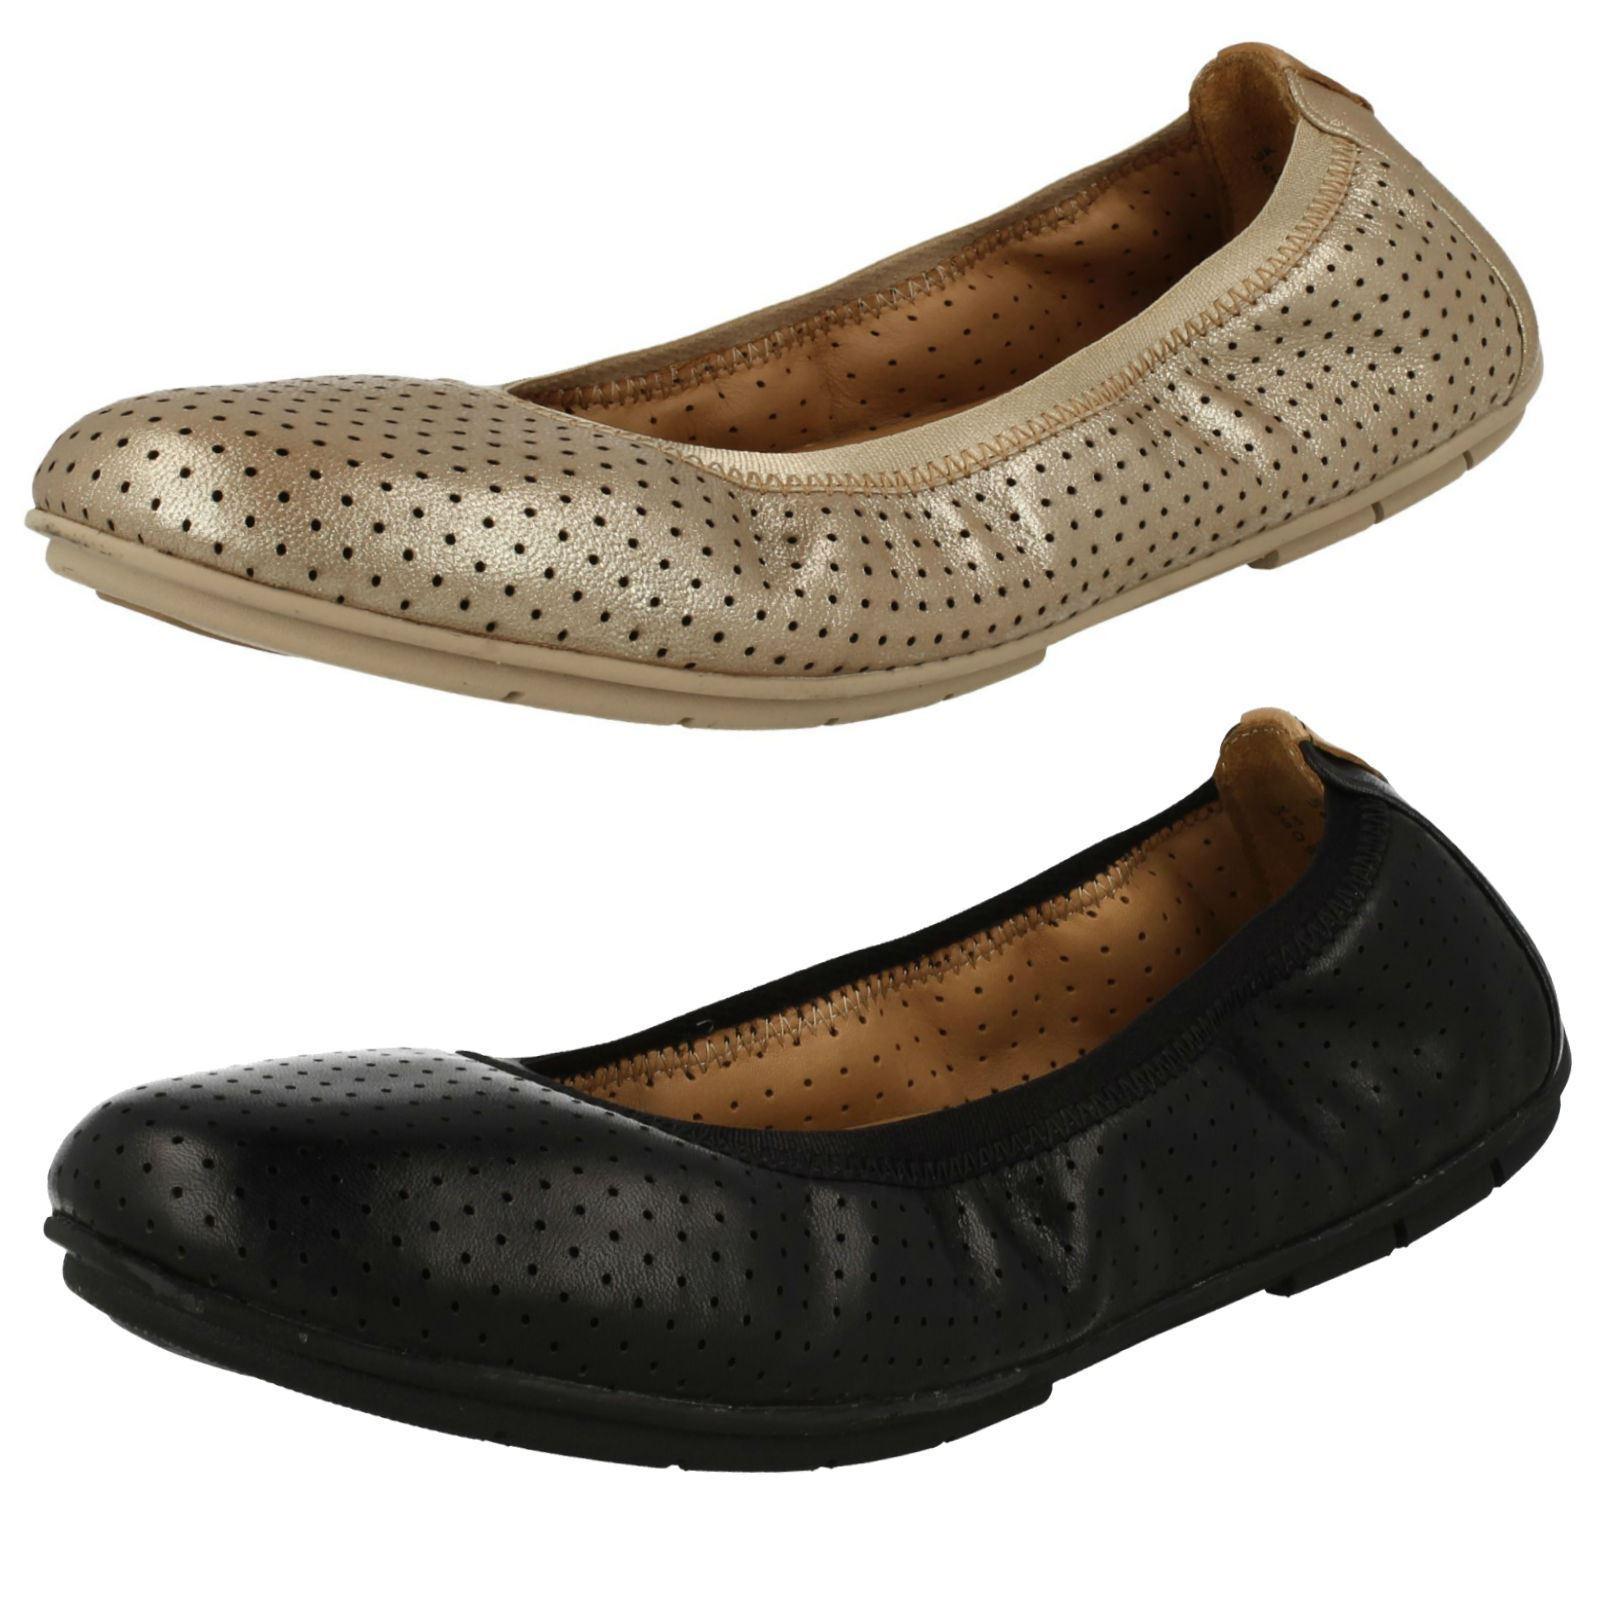 Señoras por no estructurados por Señoras Clarks Zapatos Planos del tracto de las Naciones Unidas 80d2ab